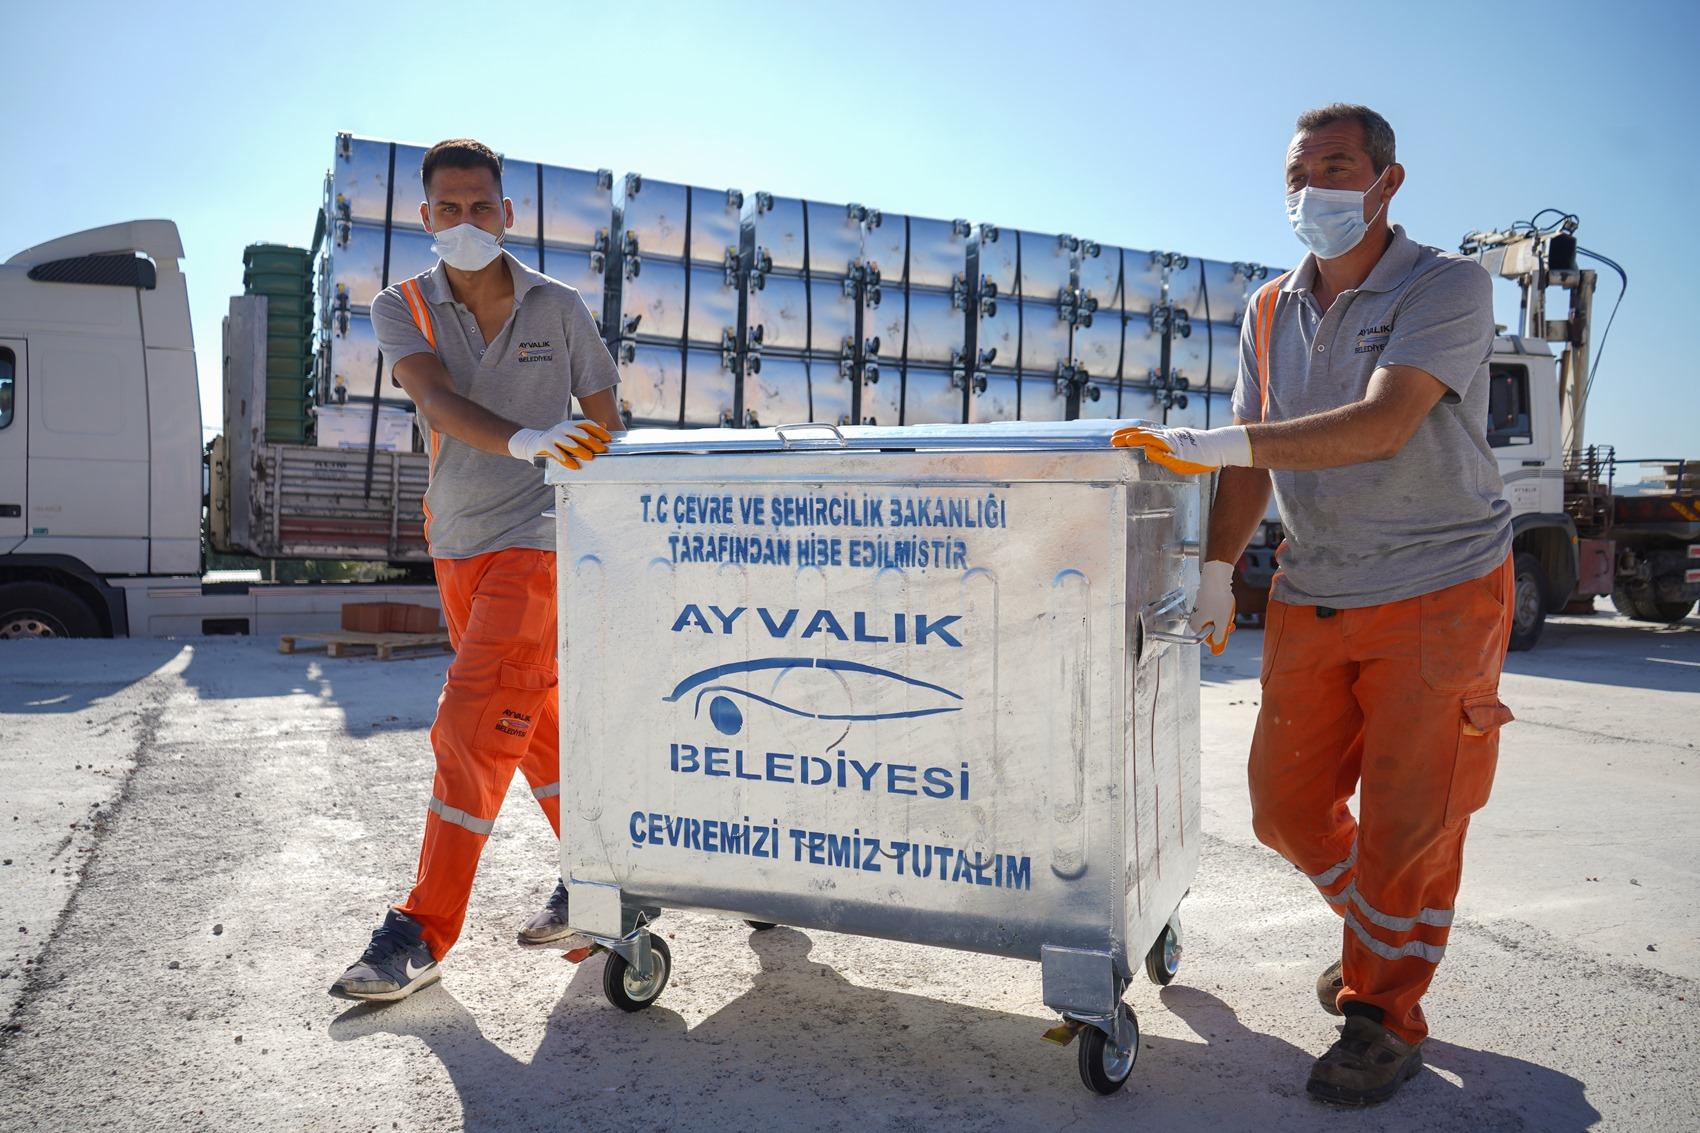 Balıkesir Ayvalık'a 650 tane yeni çöp konteyneri